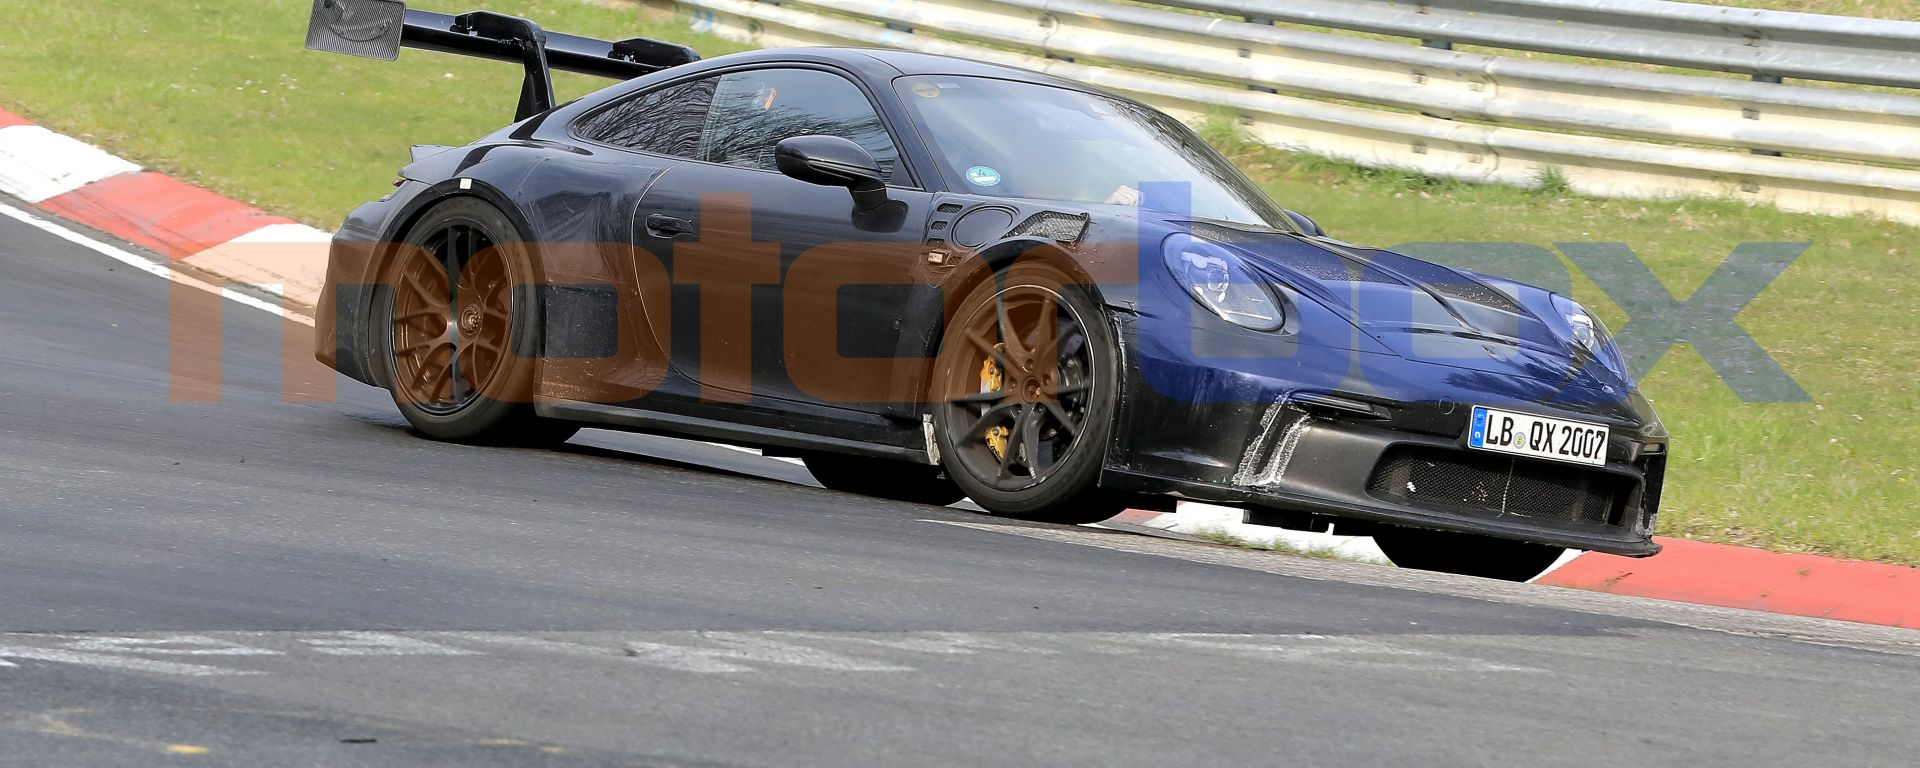 Nuova Porsche 911 GT3 RS, le foto spia dal 'Ring